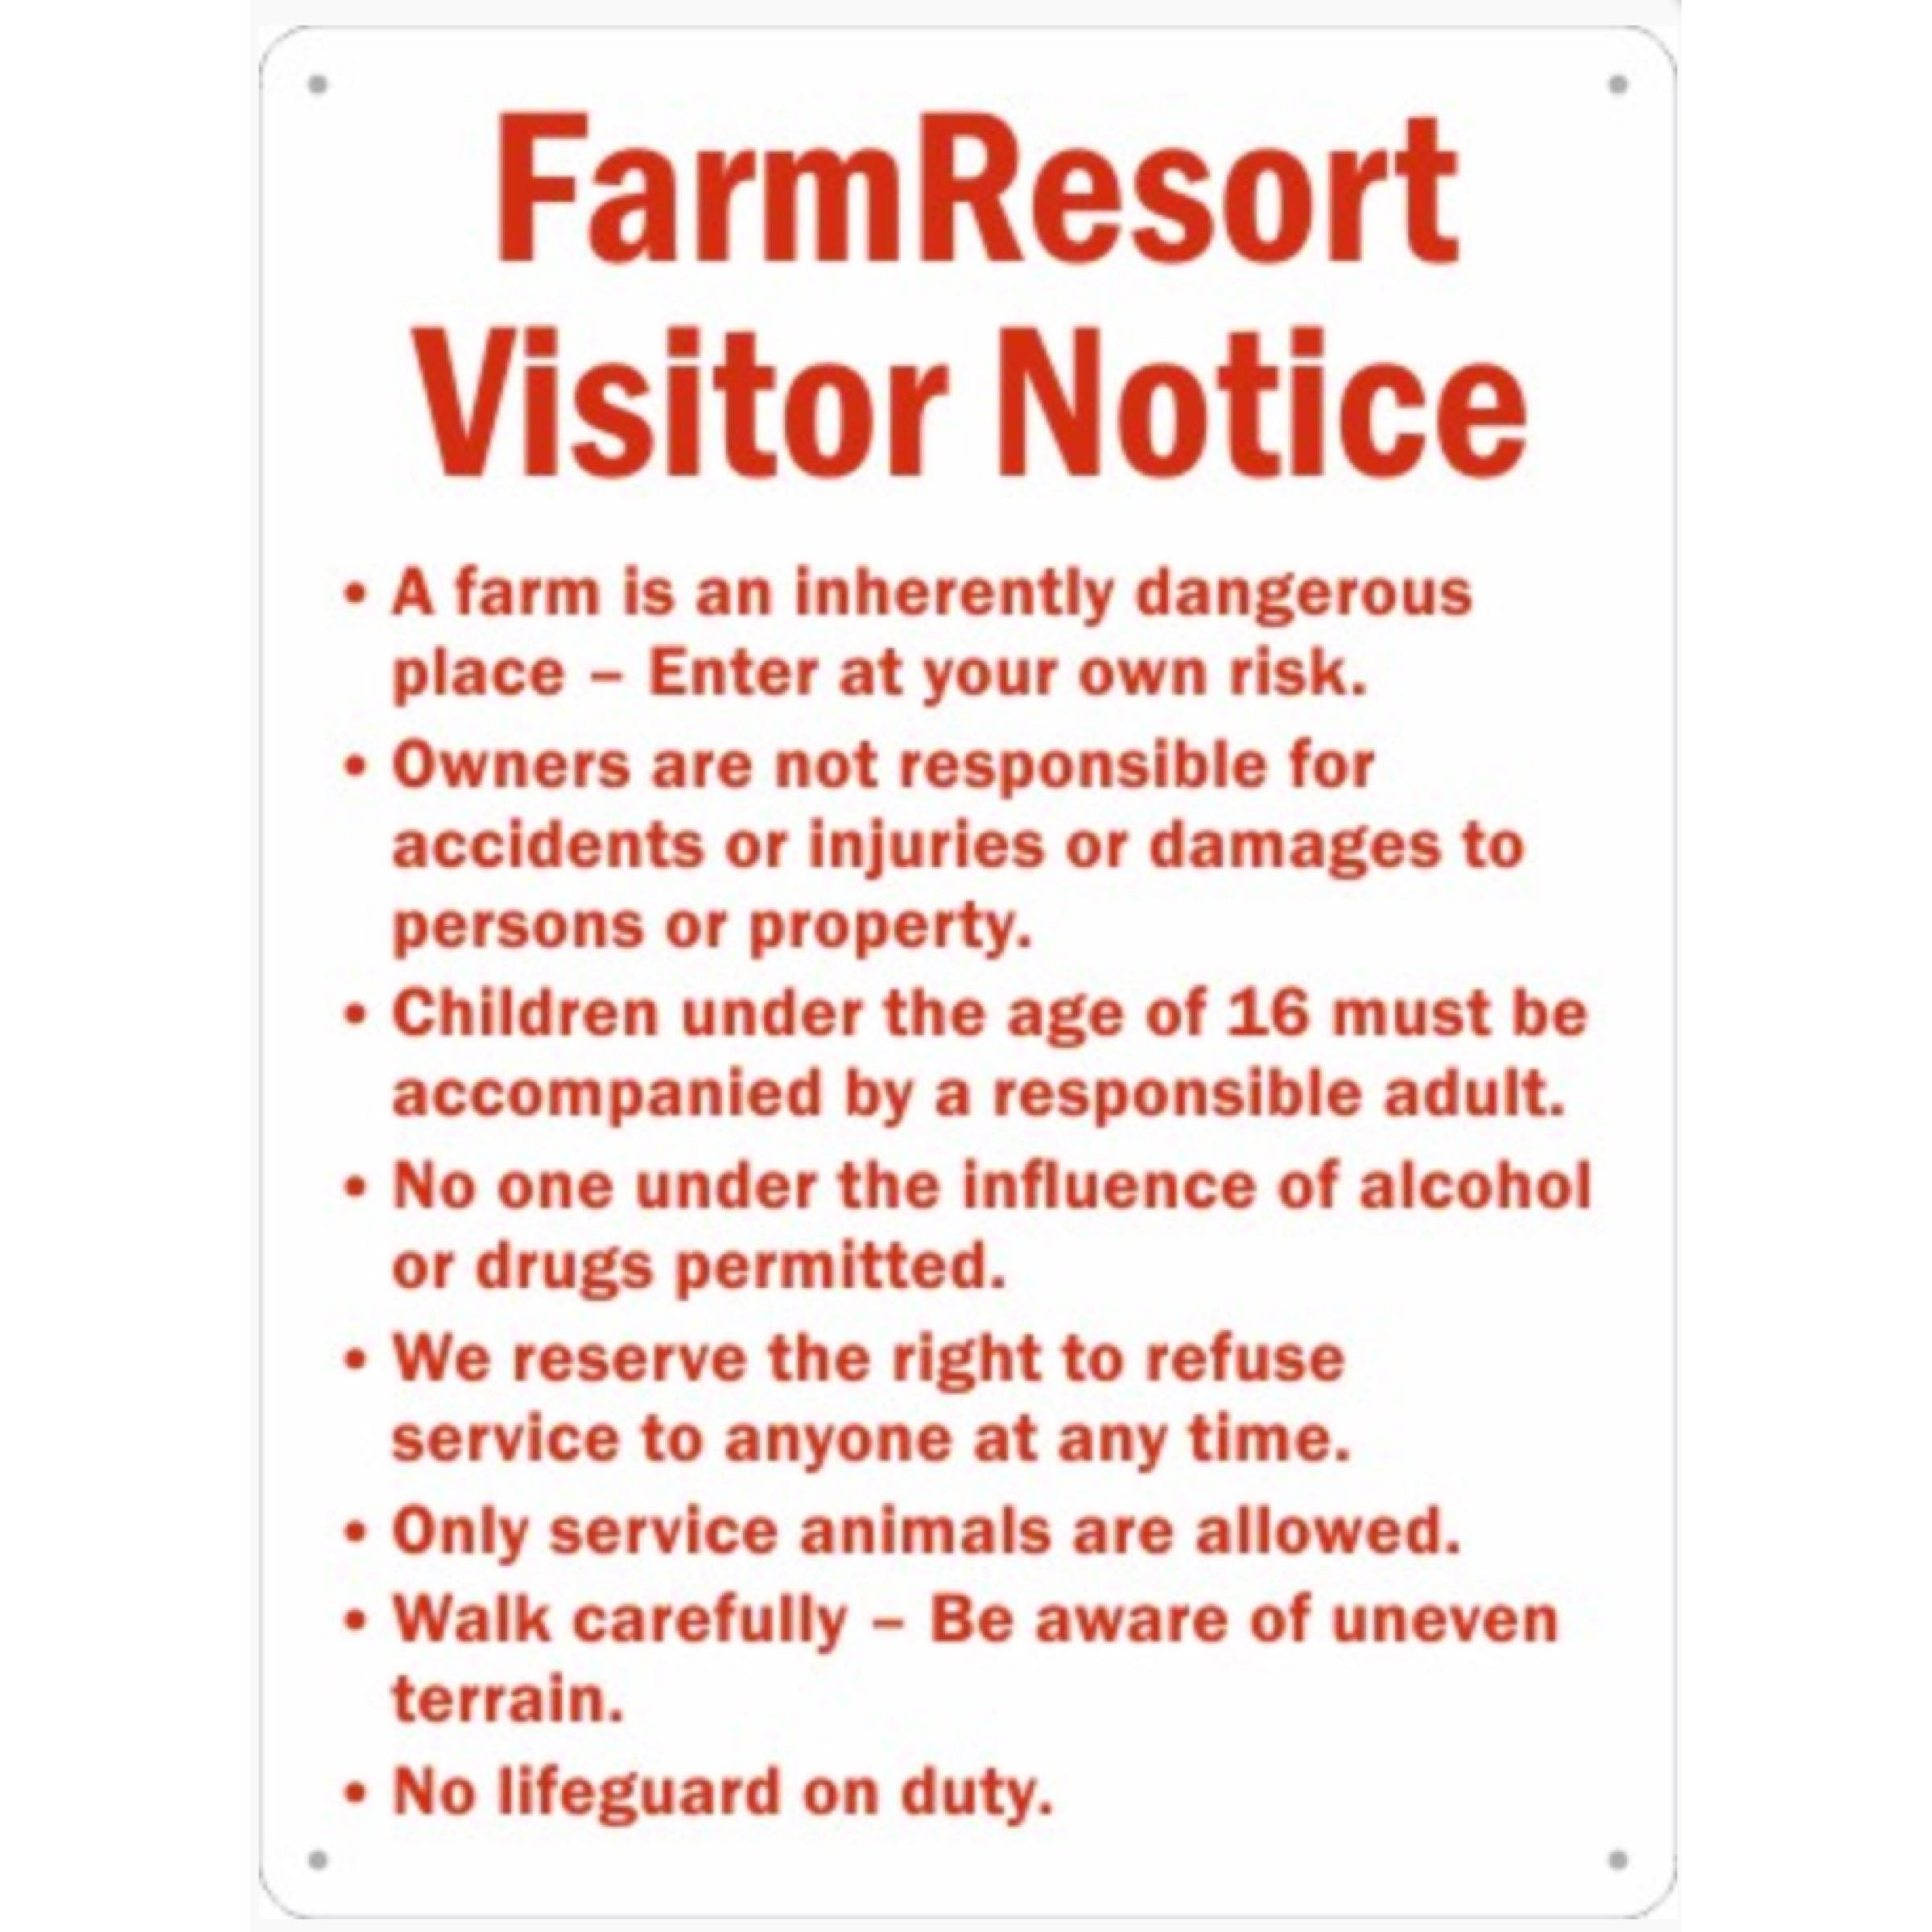 FarmResort Visitor Notice.JPG